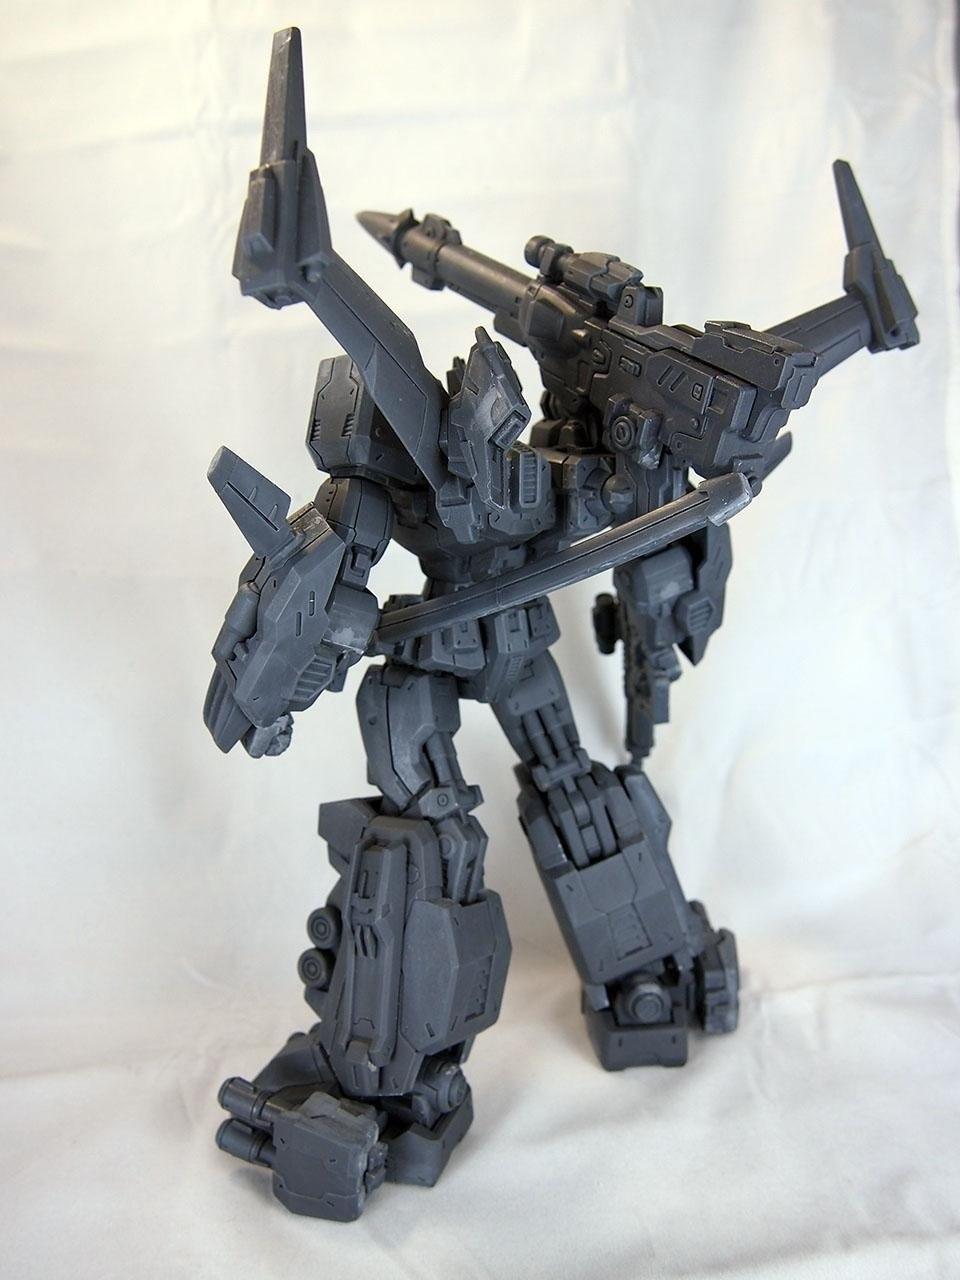 Figurines Transformers G1 (articulé, non transformable) ― Par ThreeZero, R.E.D, Super7, Toys Alliance, etc - Page 2 54091399jw1enrathx3qfj20qo0zk423_1419946029